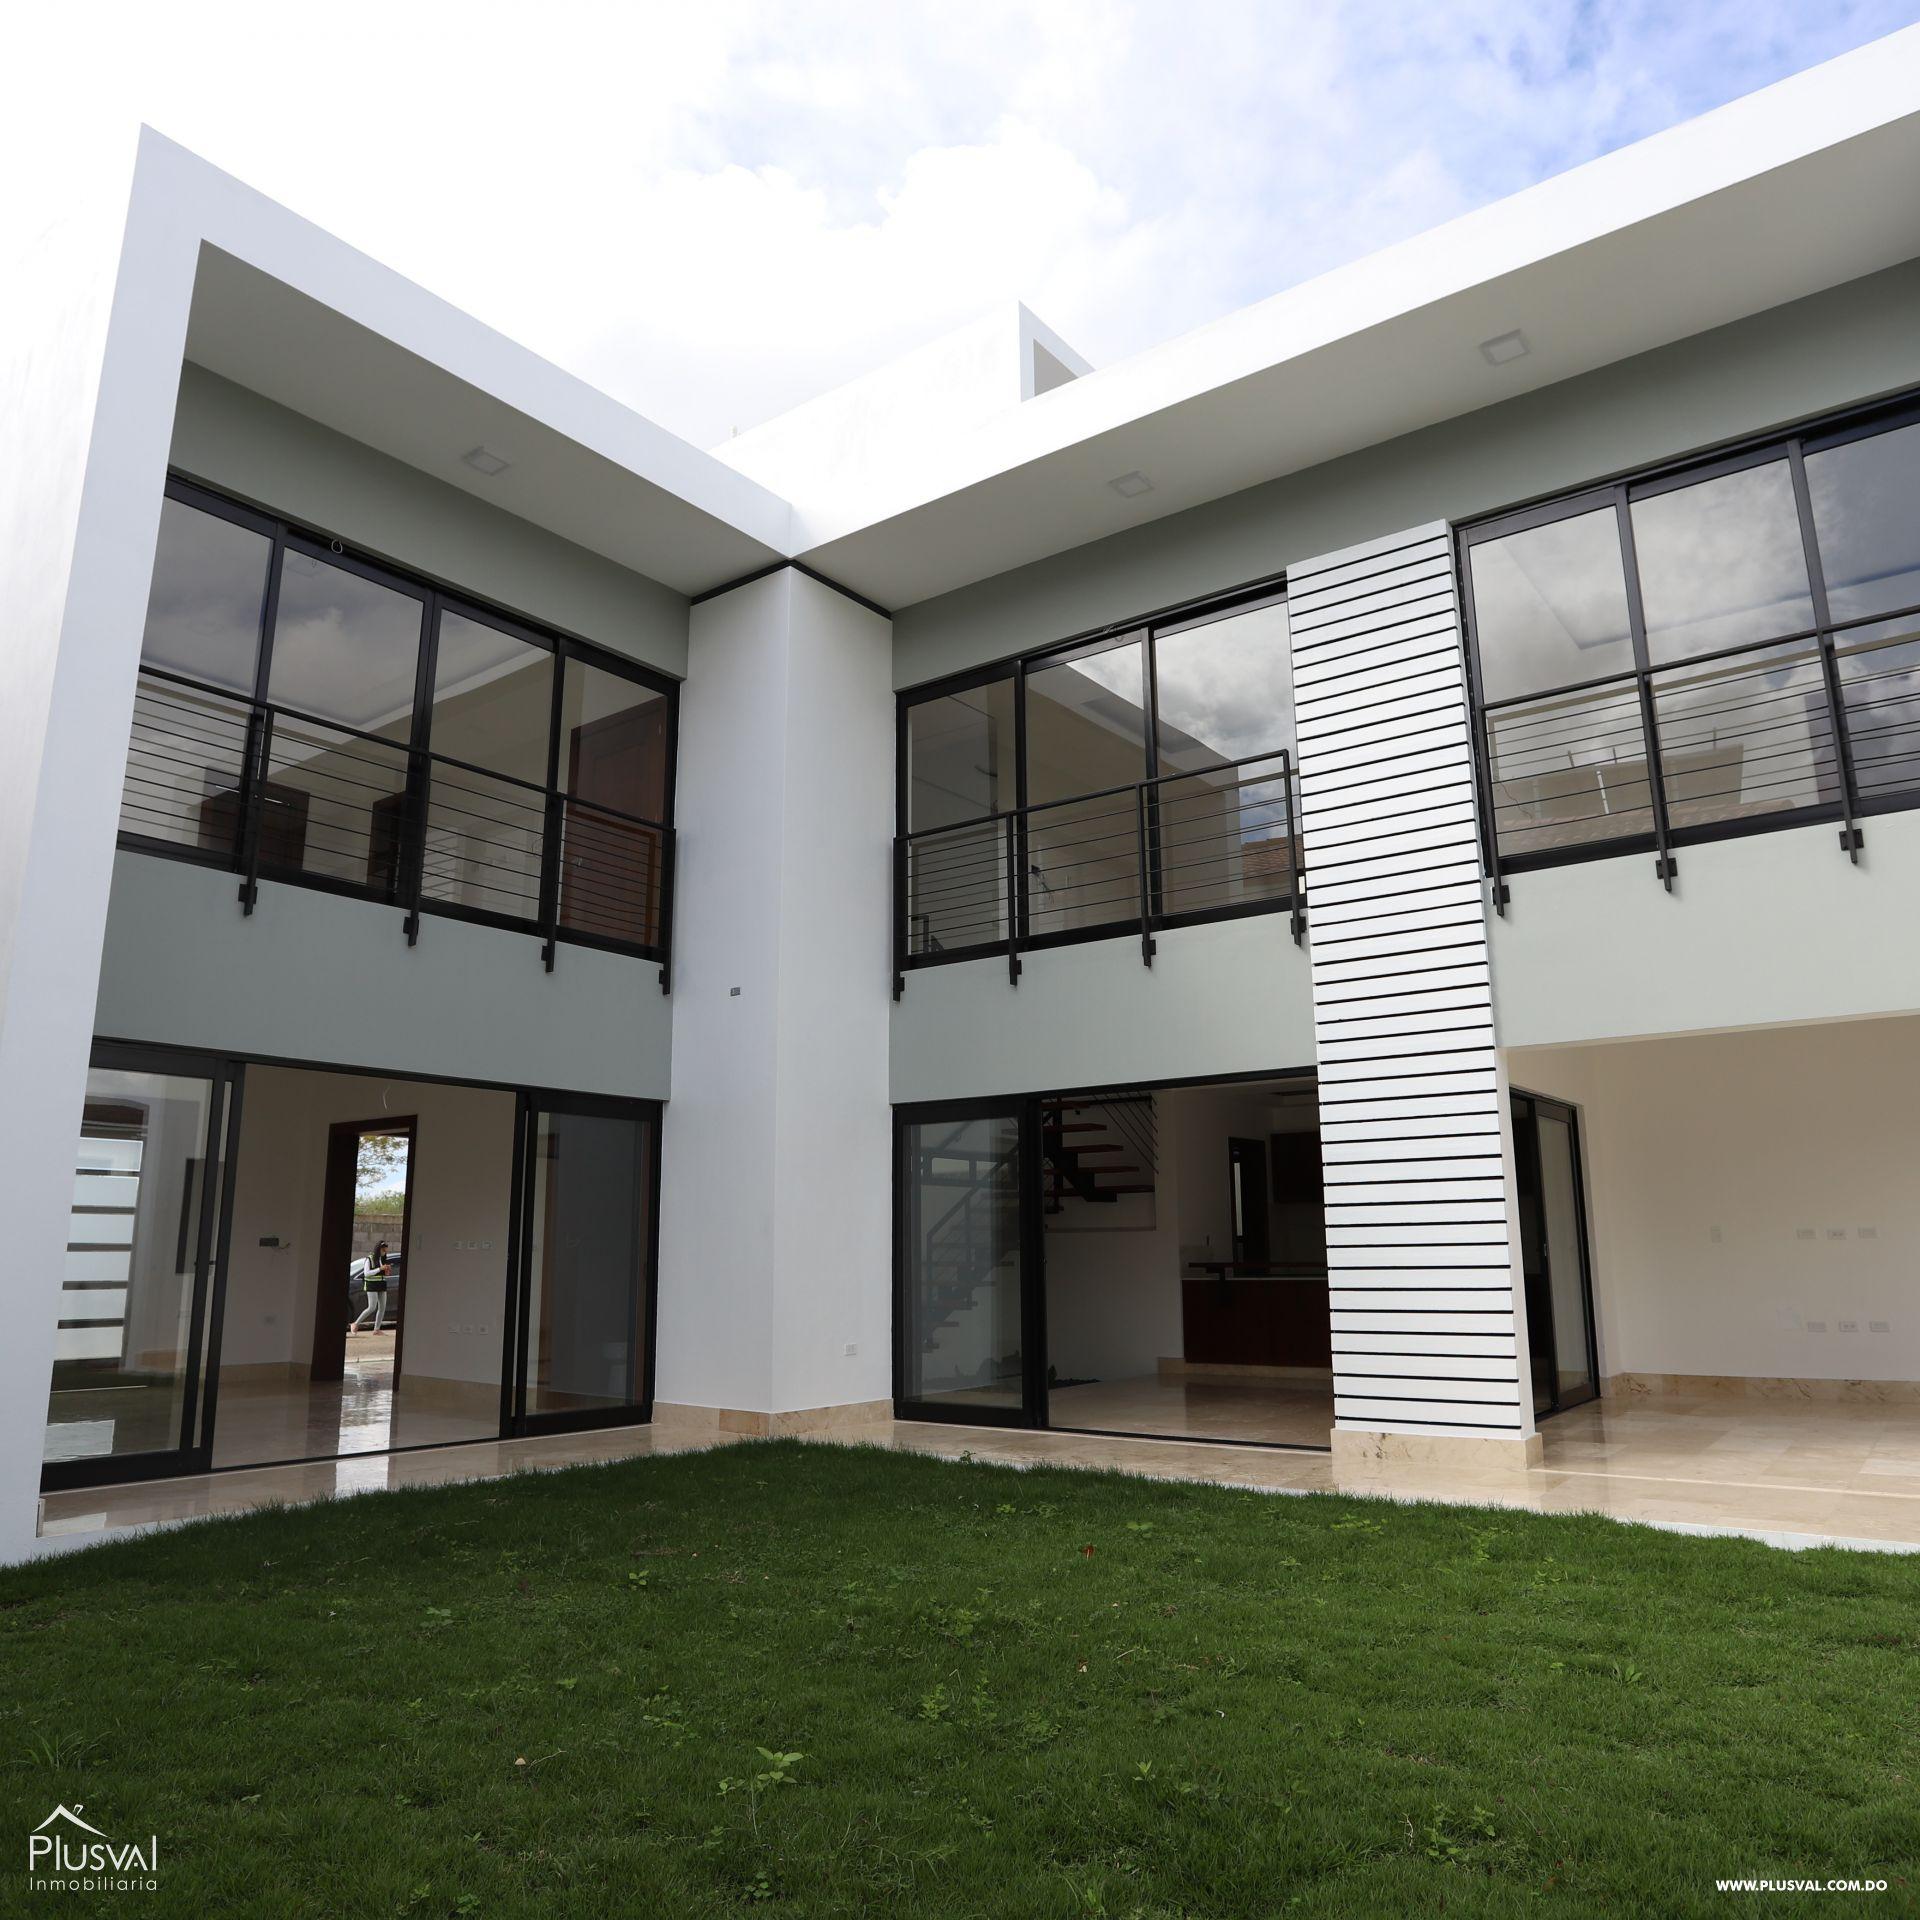 Casa de dos niveles ubicada en Los Samanes, exclusiva zona de Santiago vigilada las 24 horas